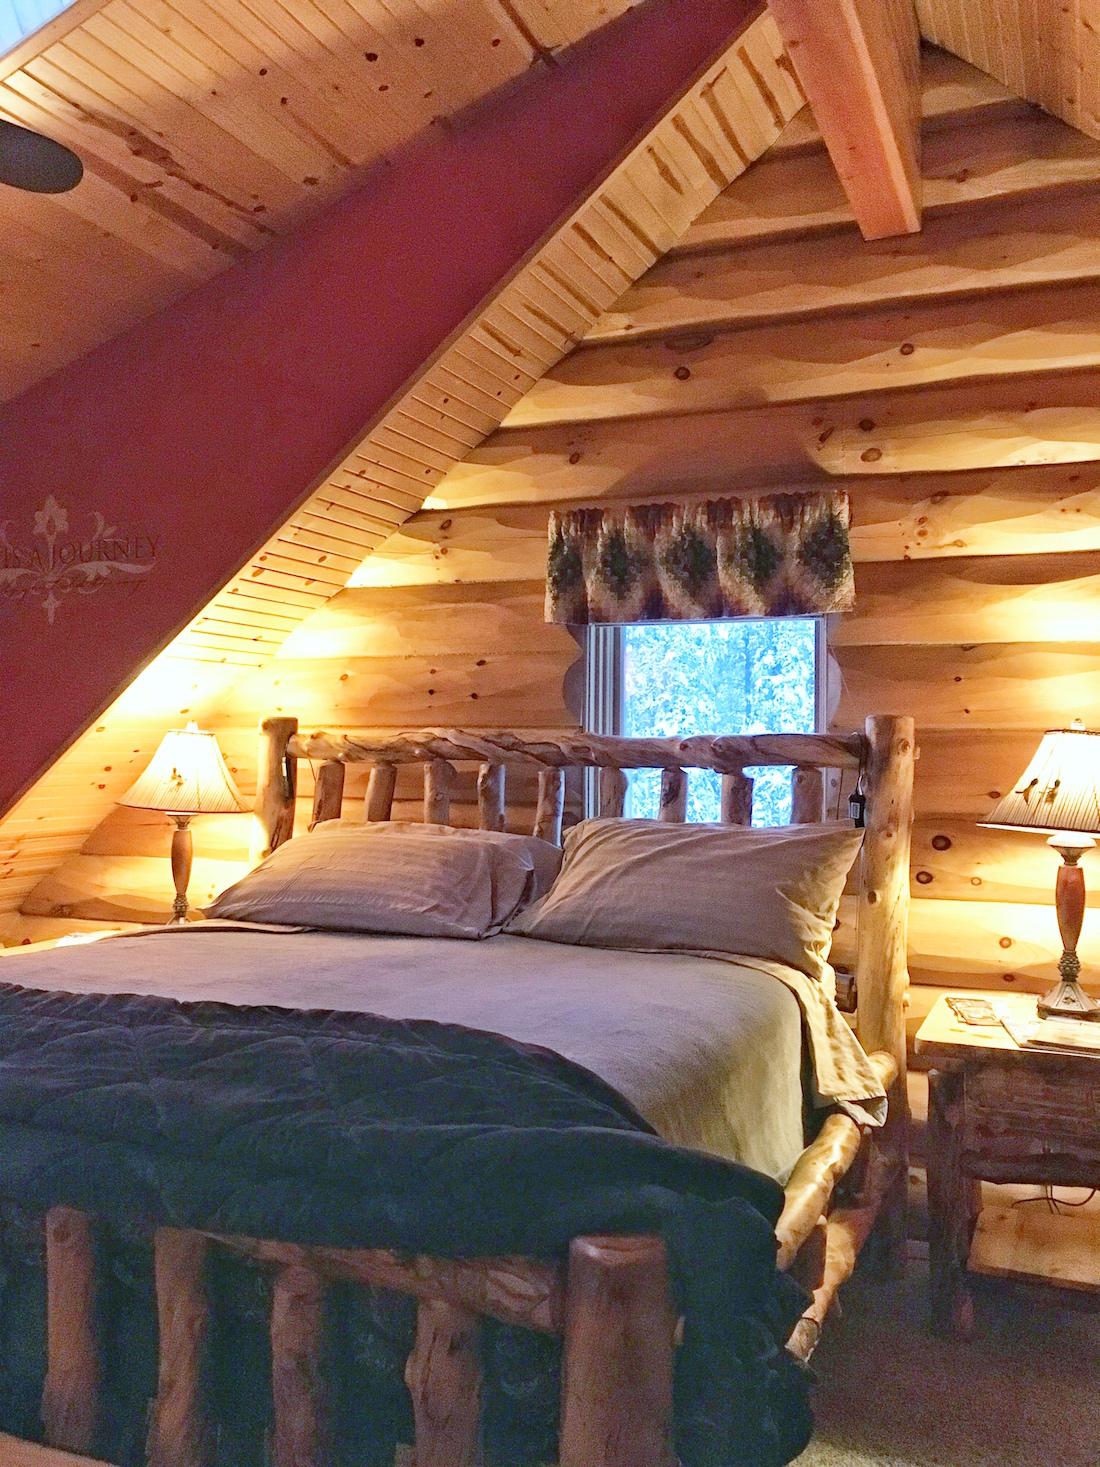 Evening Star Room